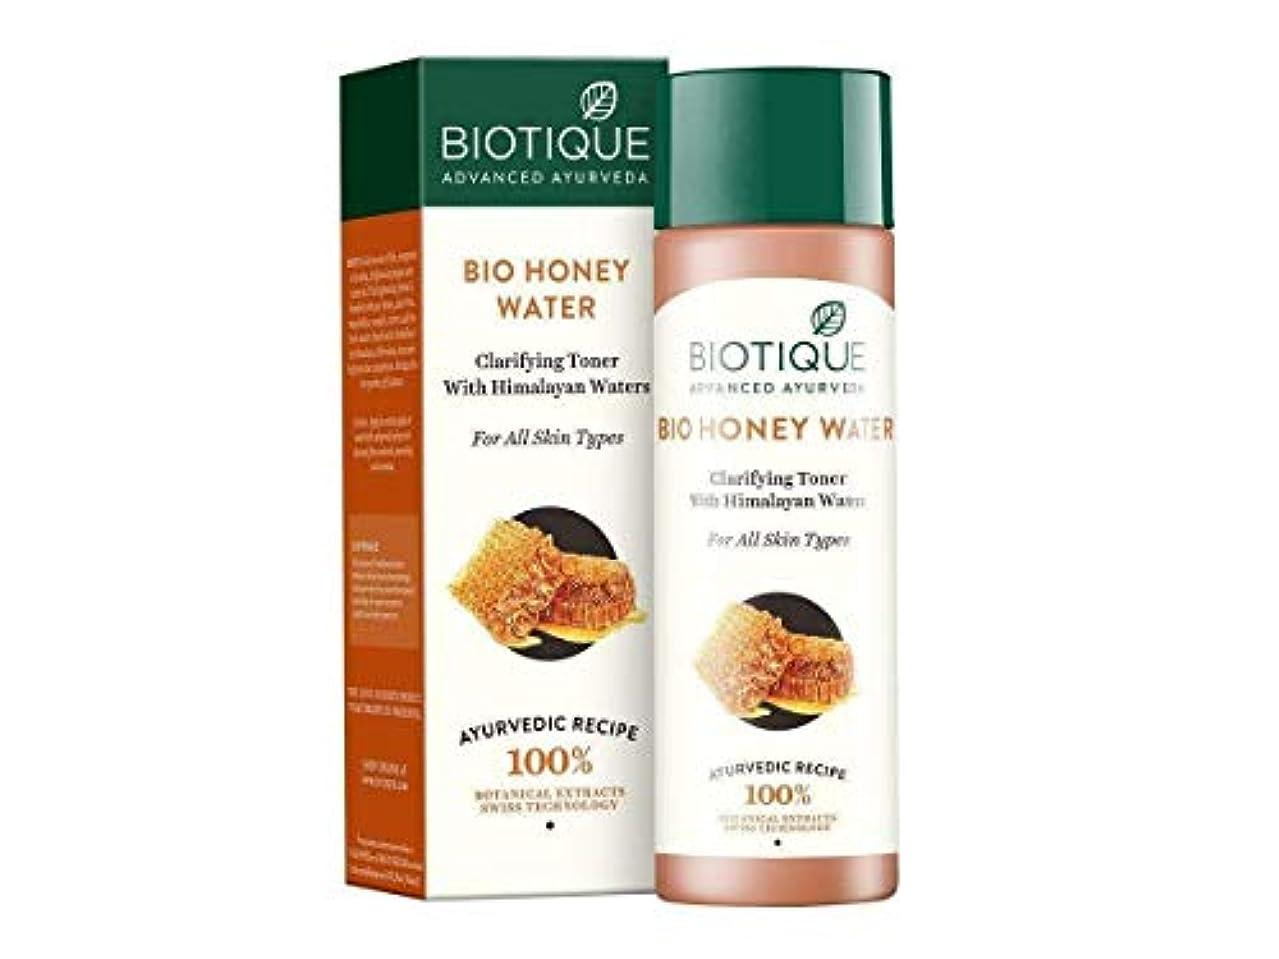 ラブコンセンサス反乱Biotique Bio Honey Water Clarifying Toner, 120ml Brings skin perfect pH balance Biotiqueバイオハニーウォータークラリファニングトナー...